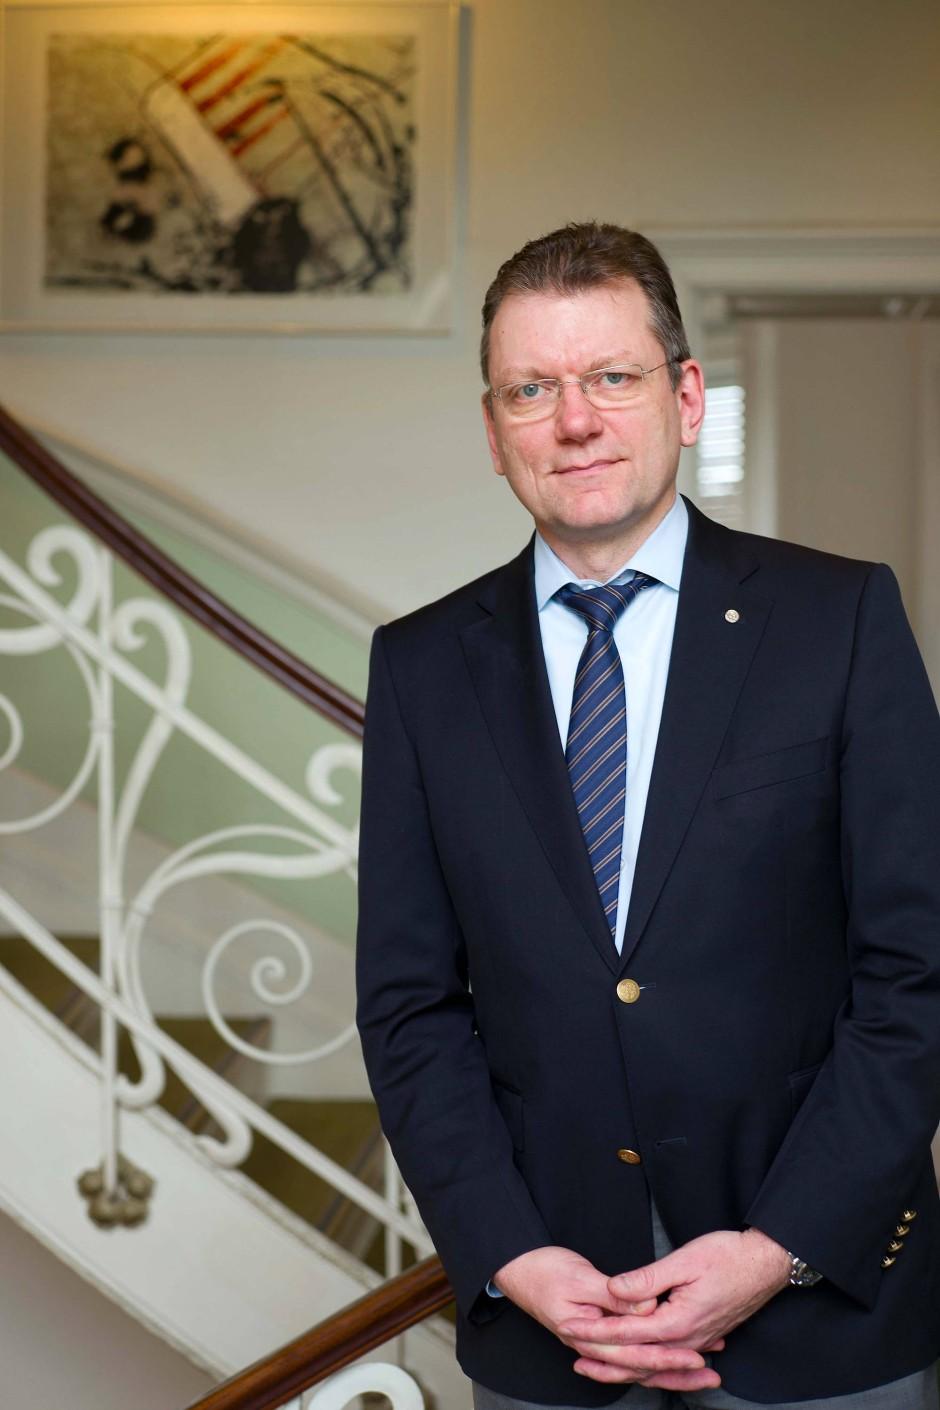 Vertritt Eigentümer: Der Rechtsanwalt Christian Streim ist Landesvorsitzender der Hausbesitzergemeinschaft Haus und Grund.